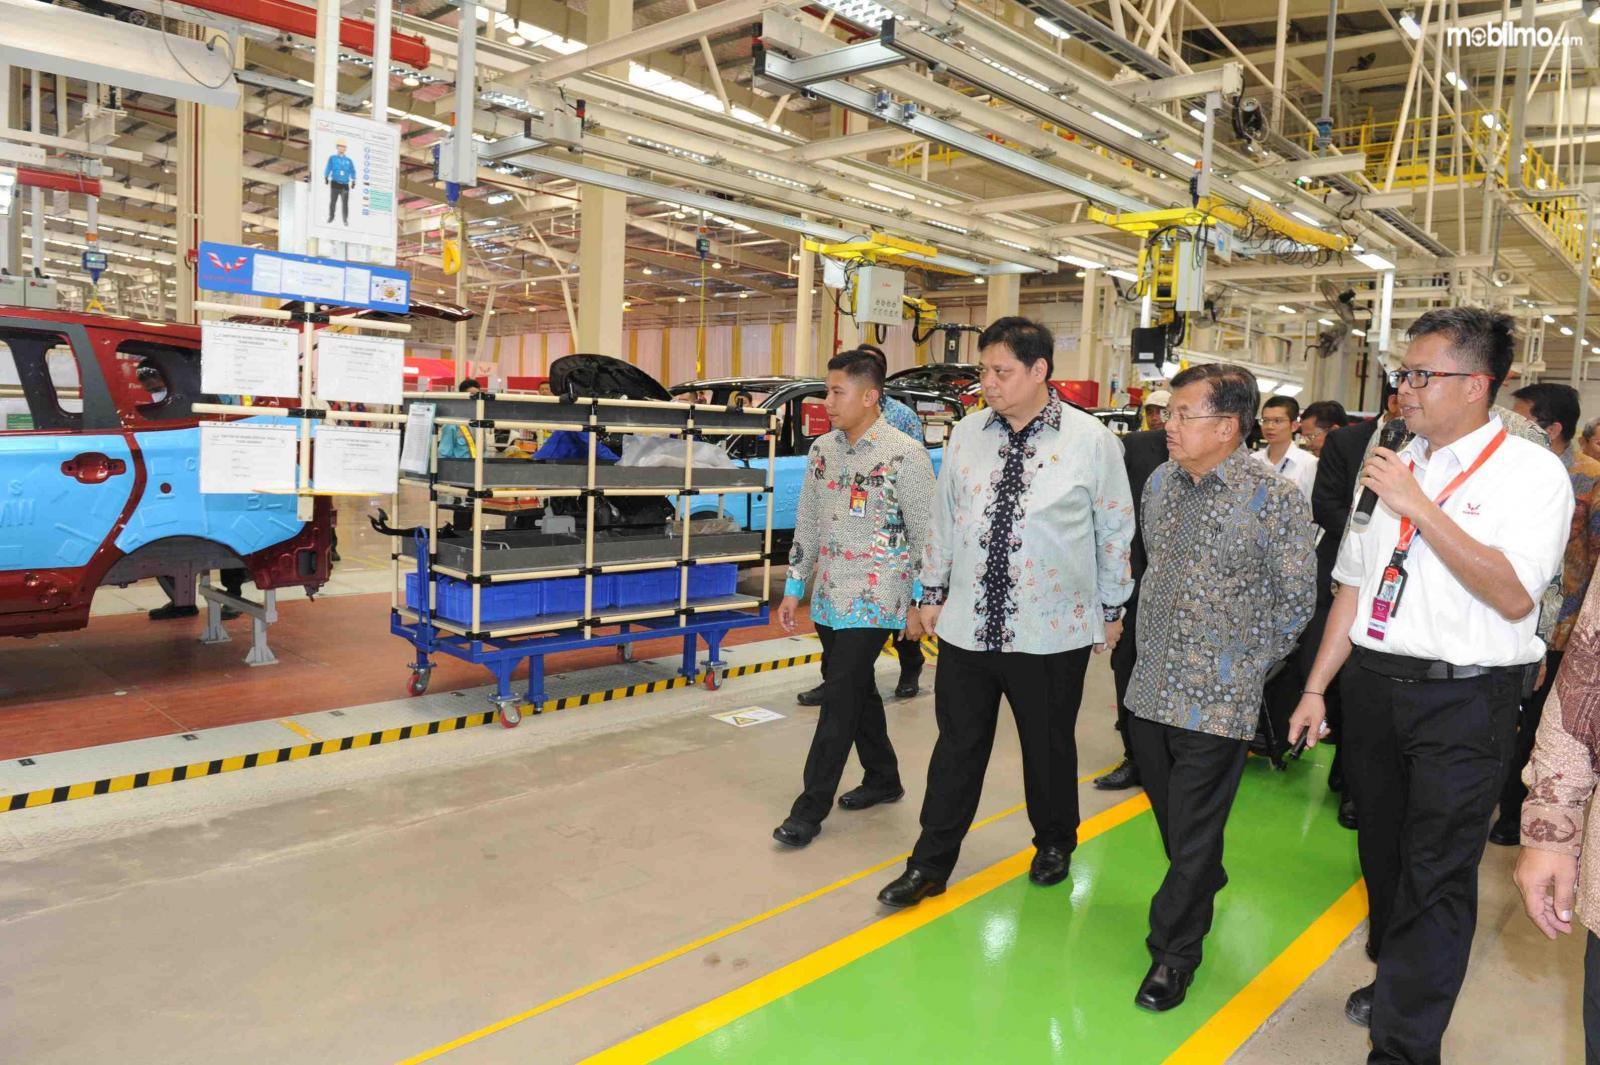 Wakil Presiden Yusuf Kalla meninjau Pabrik Wuling di Cikarang Pusat, Bekasi, Jawa Barat